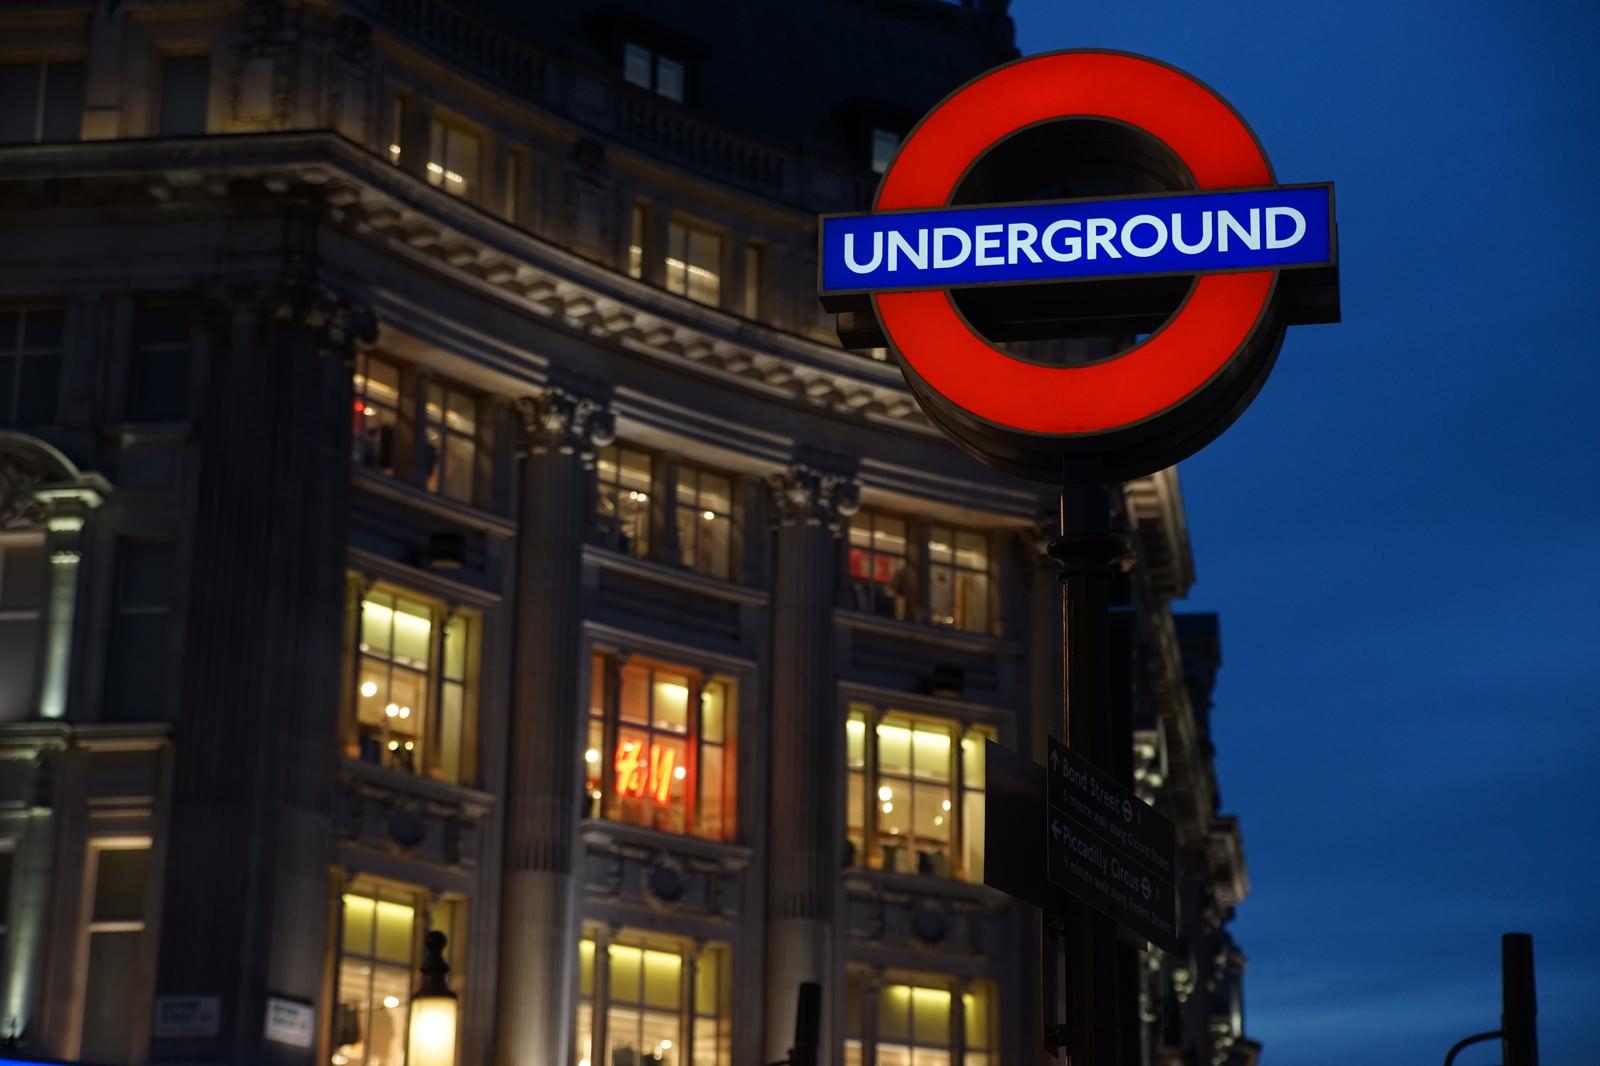 「ロンドンの街並みと地下鉄の入口案内板」の写真